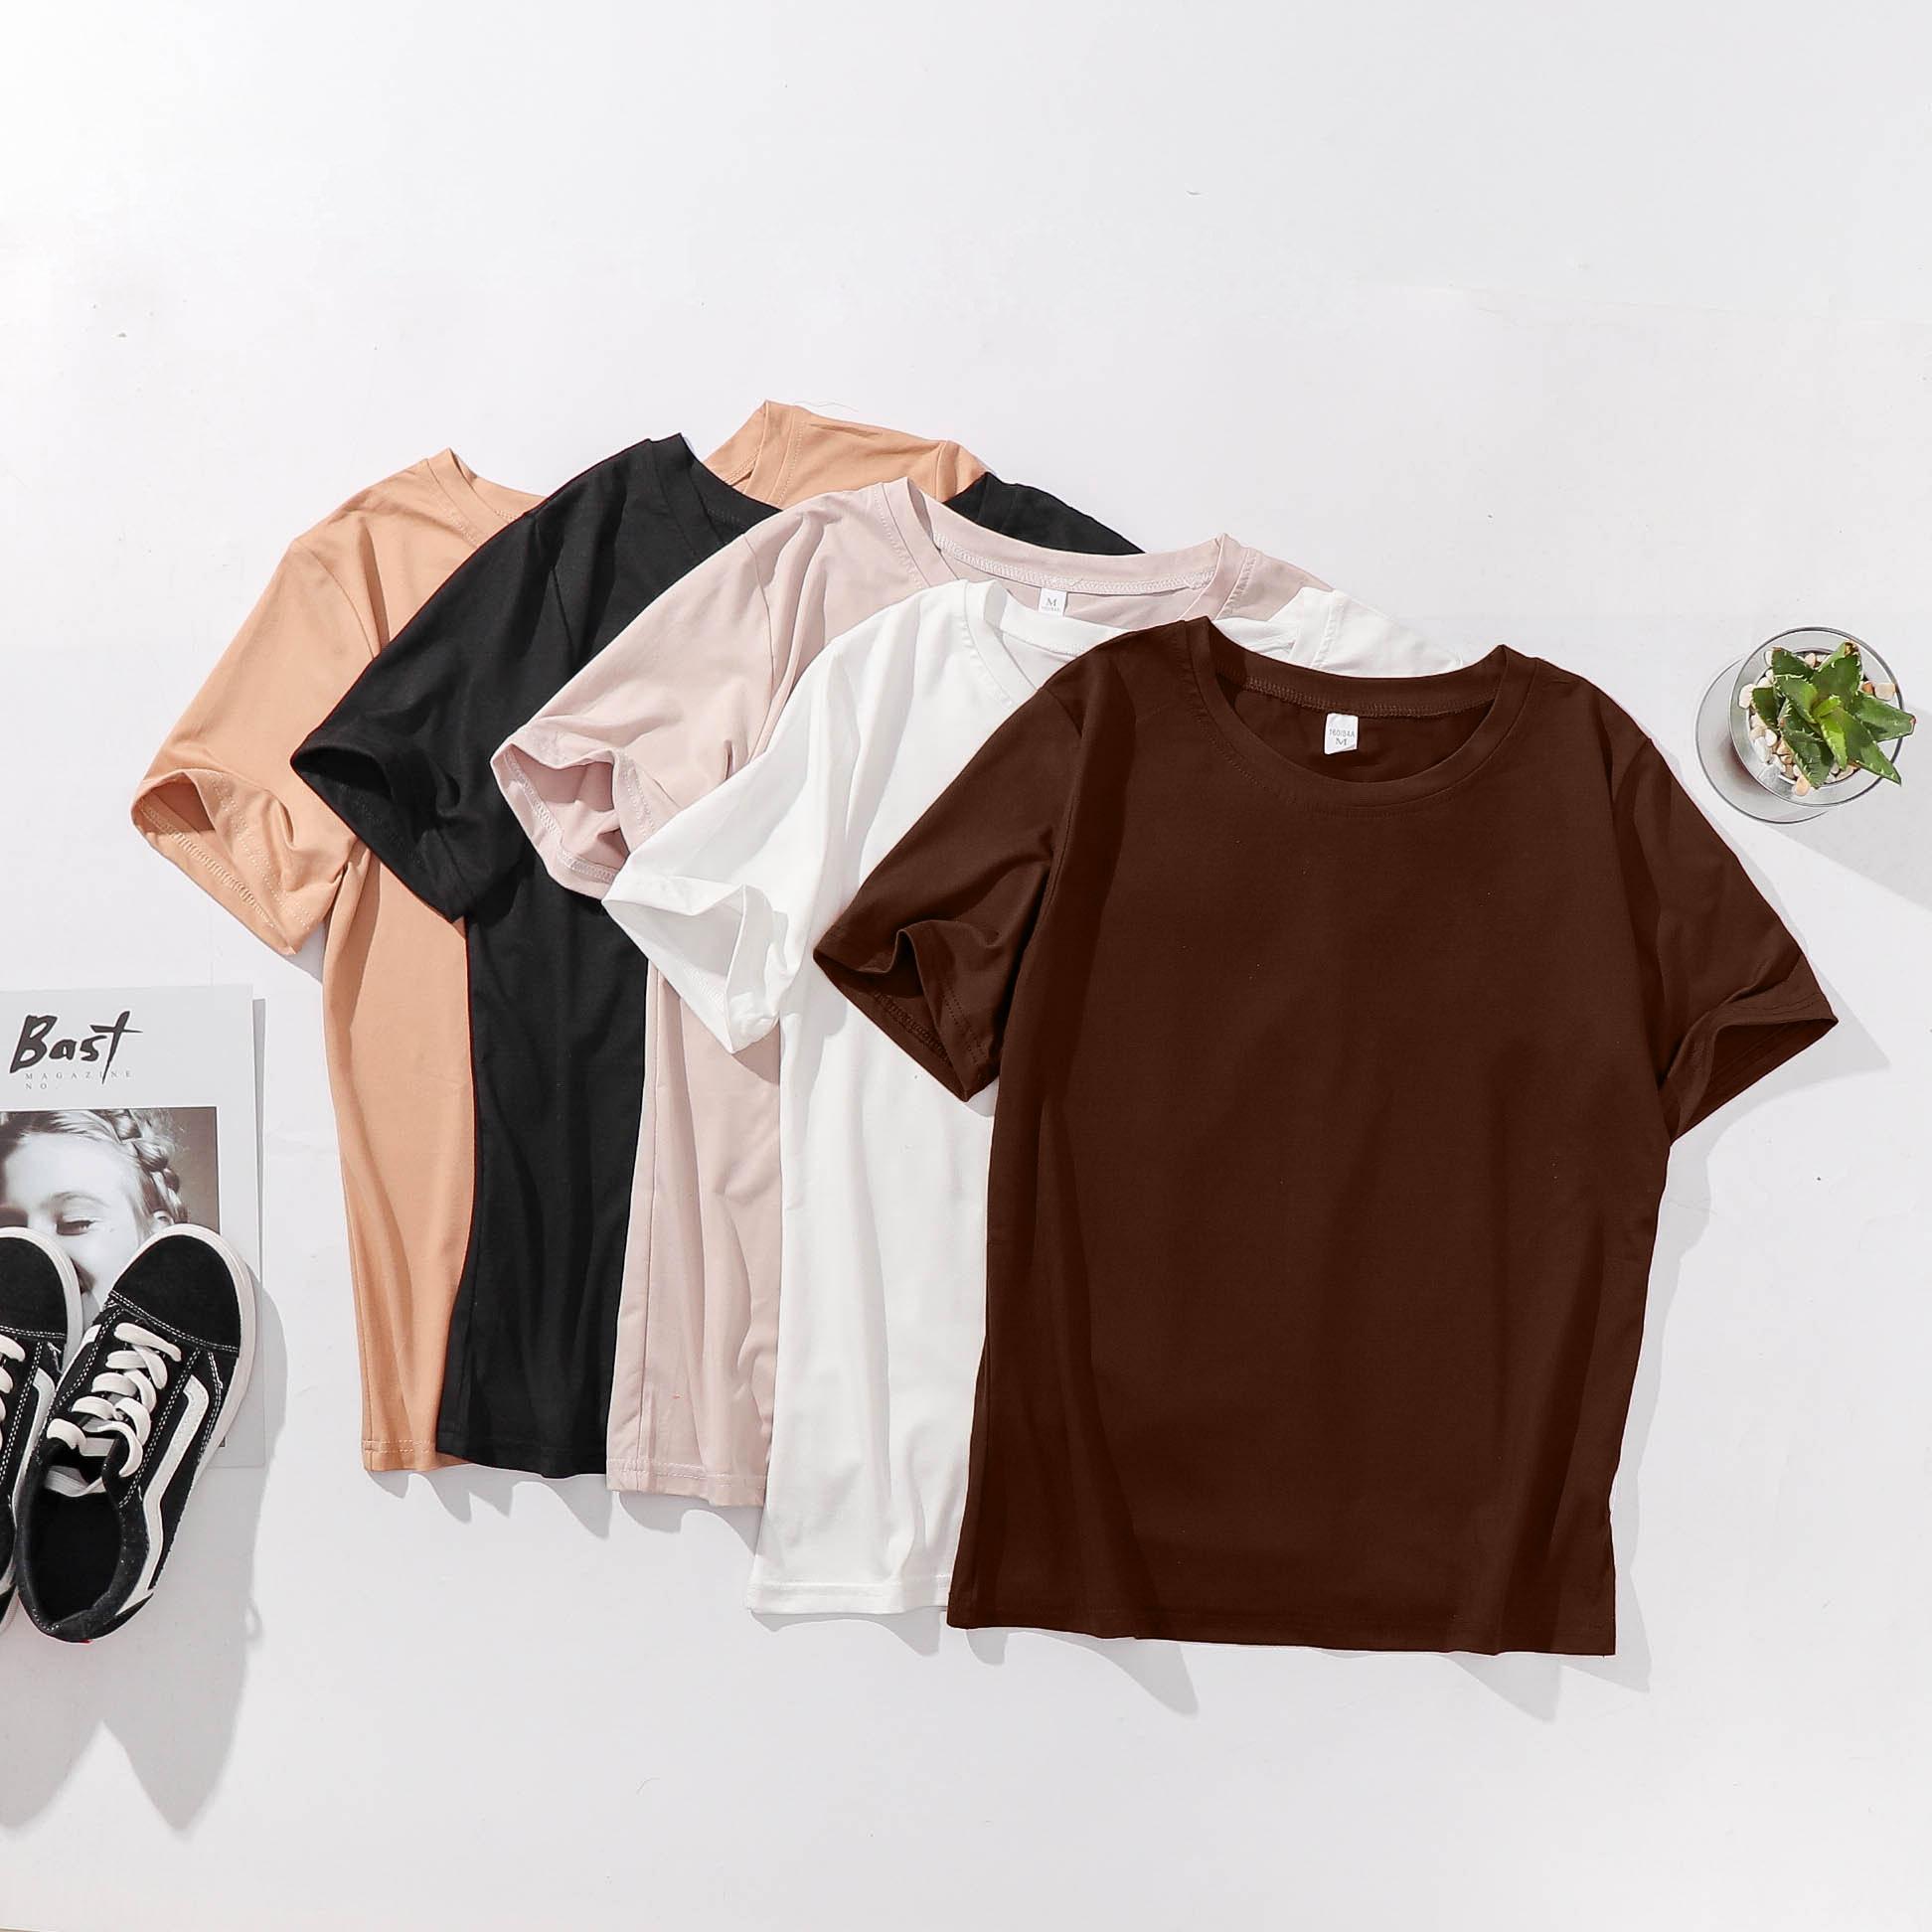 白色T恤女短袖2019新款夏装宽松纯色体恤白搭上衣服半袖短款韩版